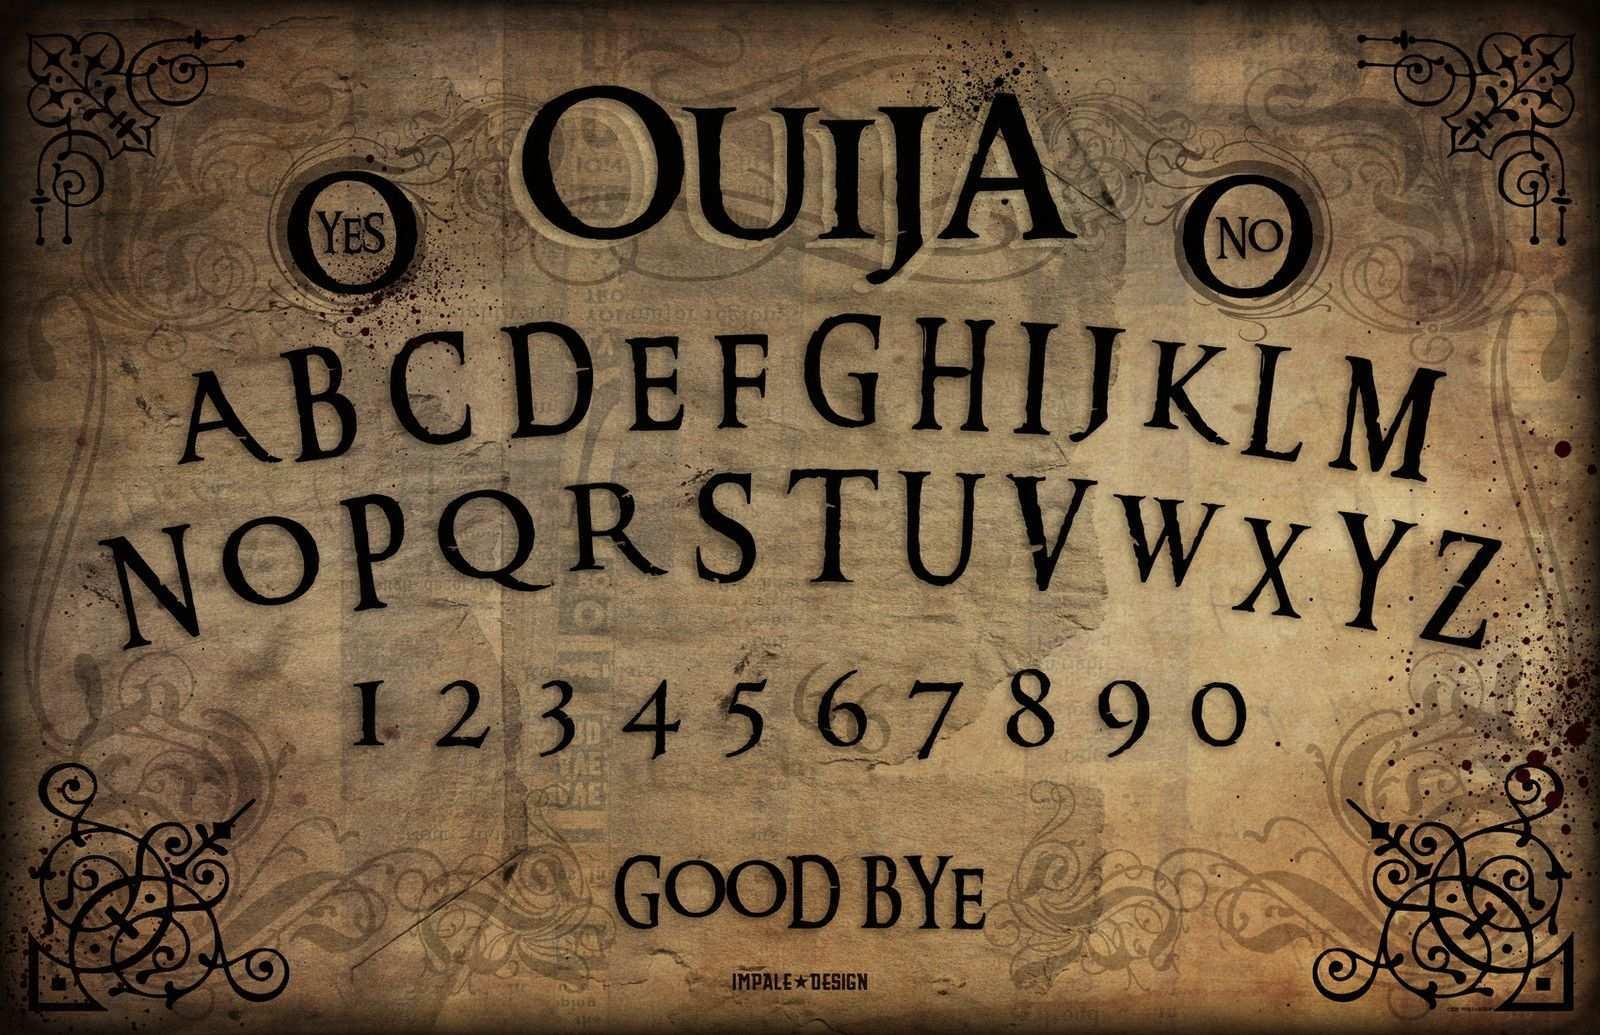 Ouija Board Gravedigger By Impale Design Ouija Ouija Board Witch Board